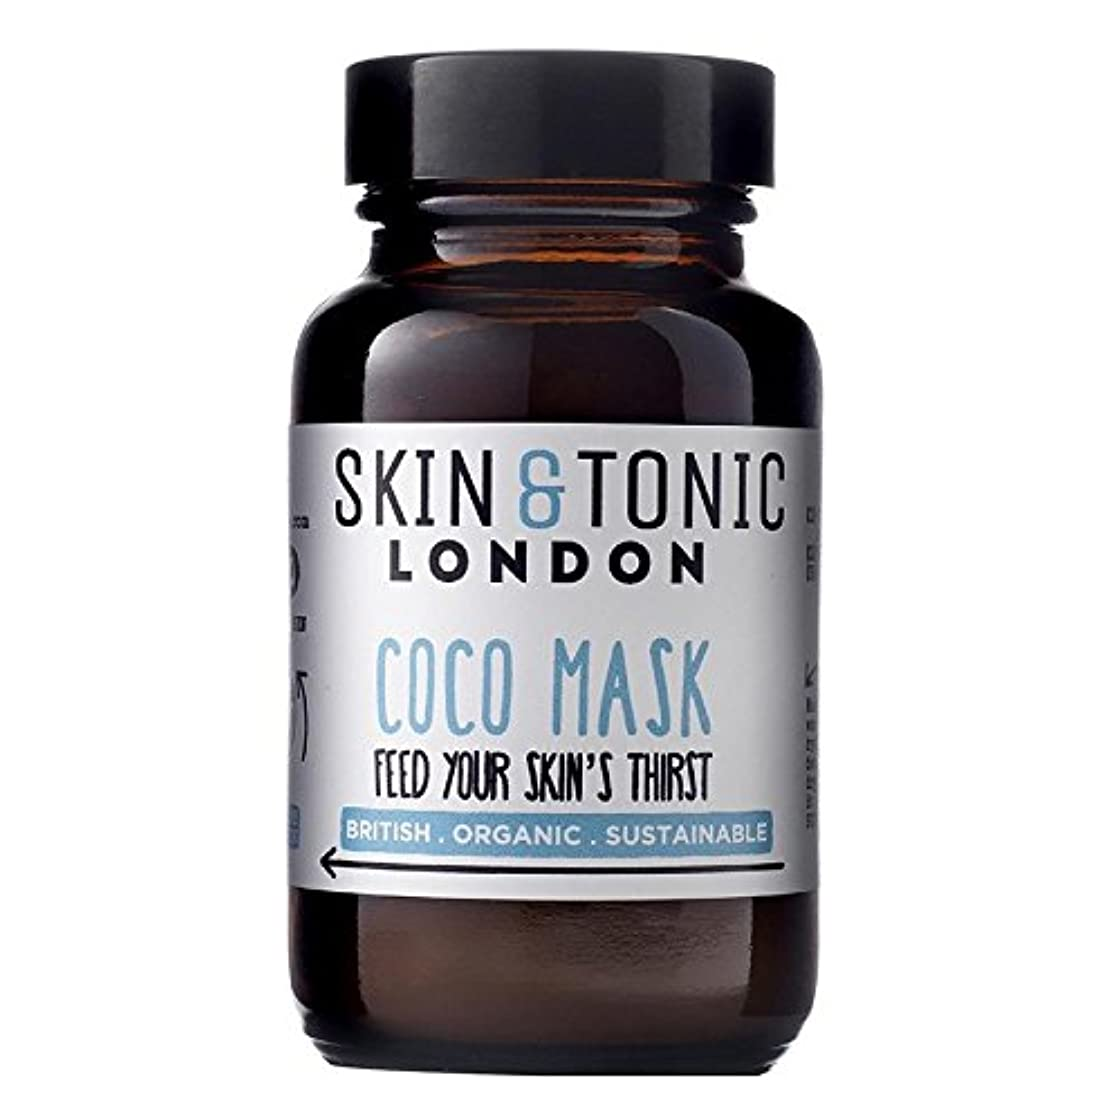 ウイルスアプローチ不適切なスキン&トニックロンドンココマスク50グラム x2 - Skin & Tonic London Coco Mask 50g (Pack of 2) [並行輸入品]